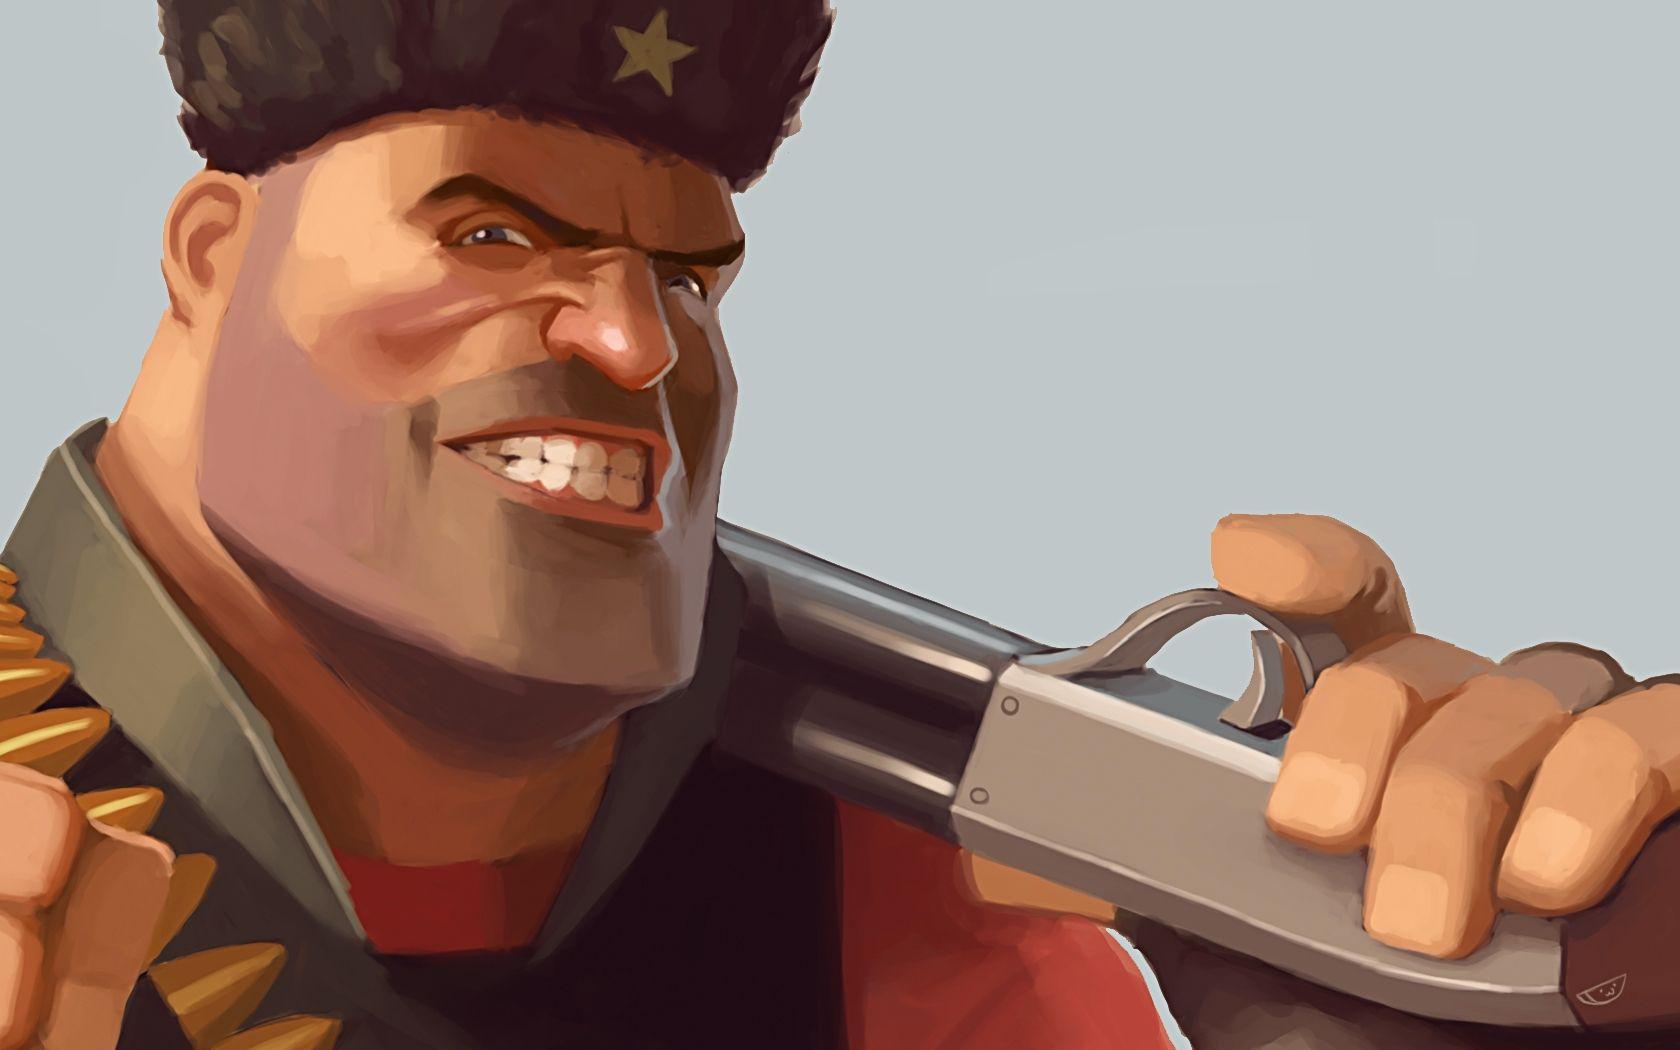 Heavy Tf2 Team Fortress 2 1680x1050 Wallpaper Team Fortress 2 Team Fortress Digital Artist